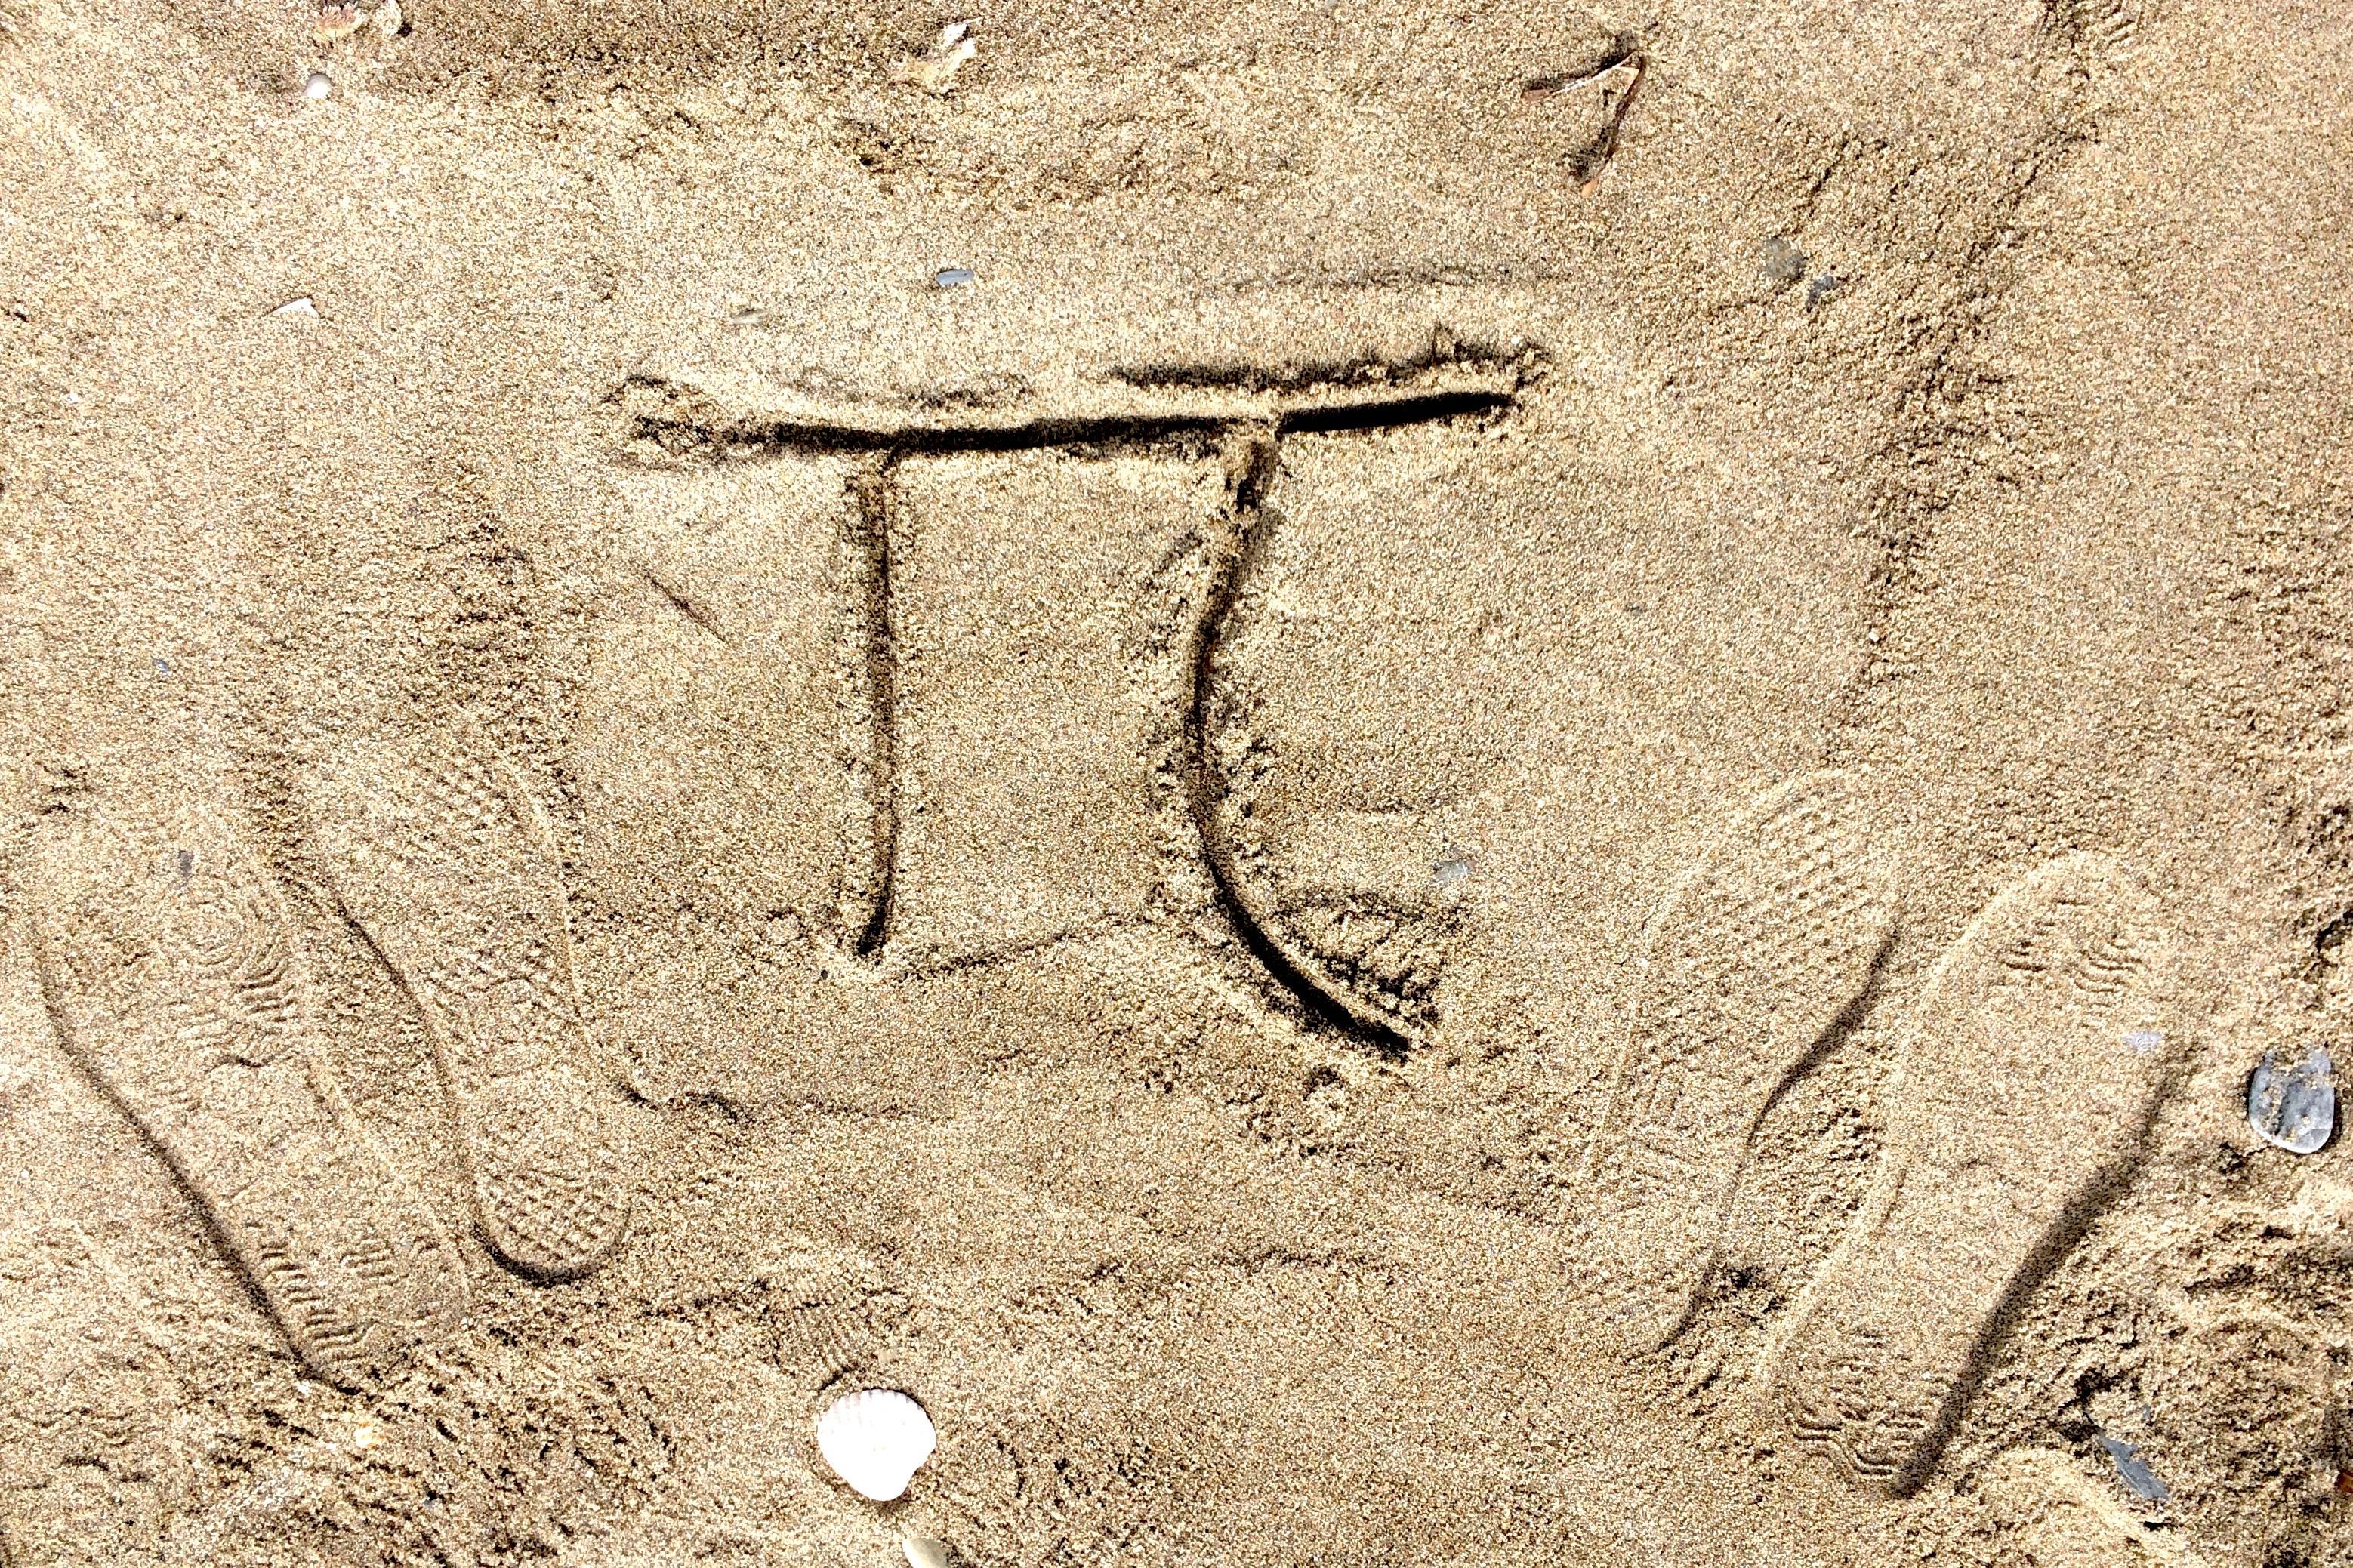 Kostenlose foto : Strand, Pfad, Sand, Rock, Holz, Fußabdruck, Nummer ...